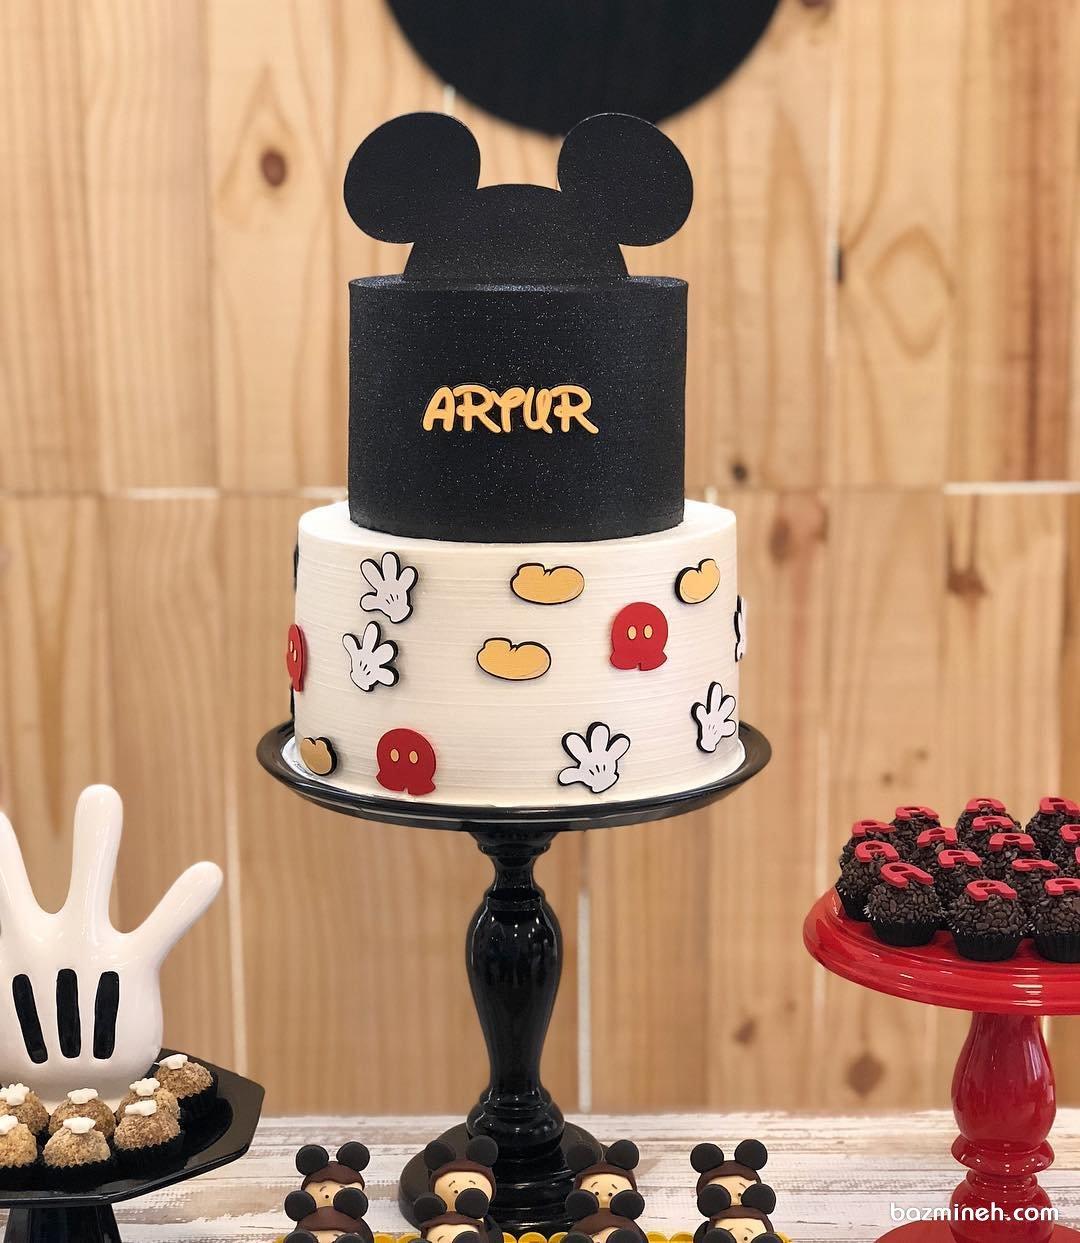 کیک دو طبقه جشن تولد کودک با تم میکی موس (Mickey Mouse)